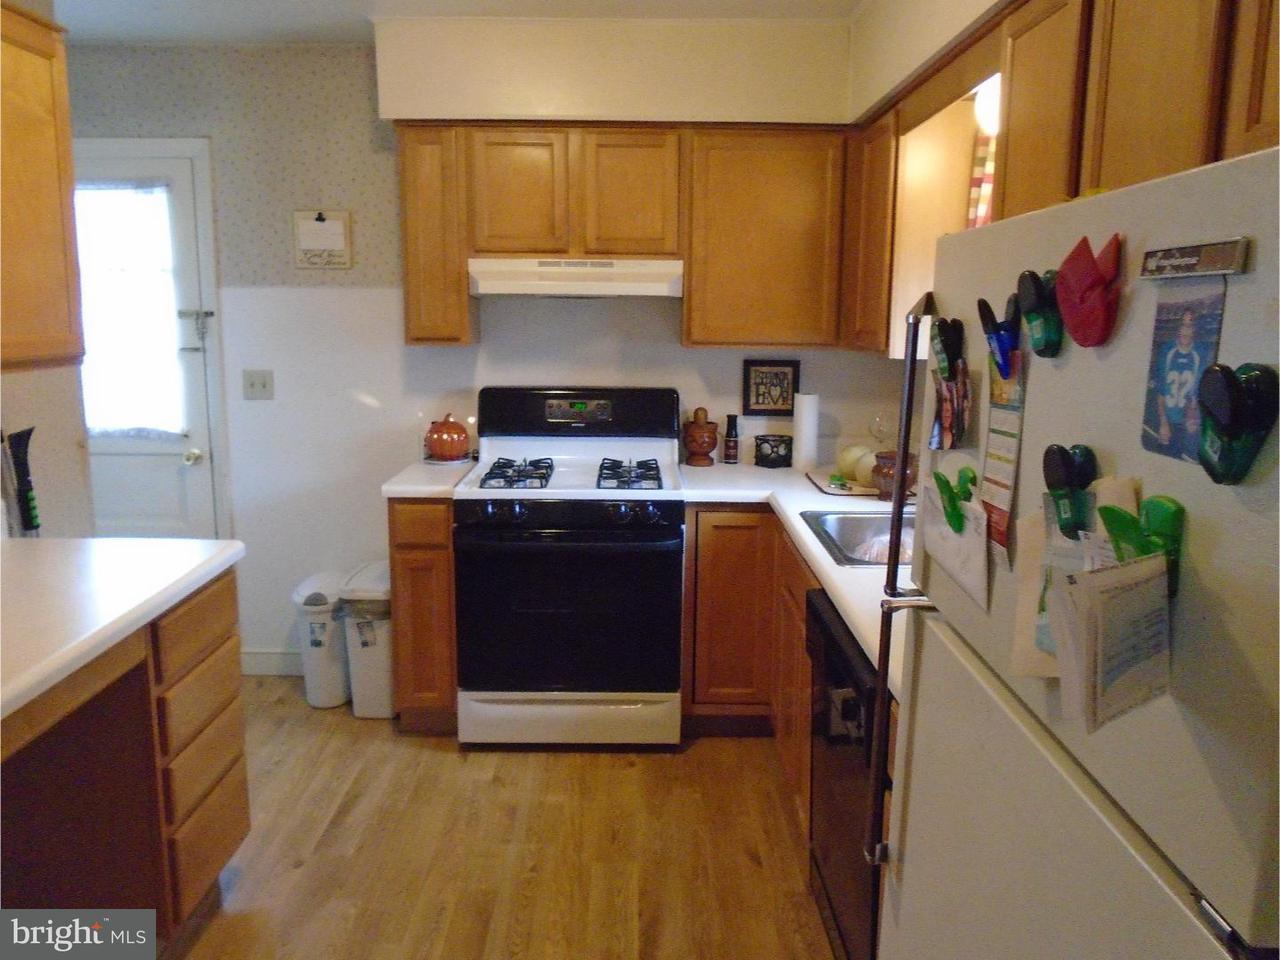 独户住宅 为 出租 在 507 SYLVESTER Drive Vineland, 新泽西州 08360 美国